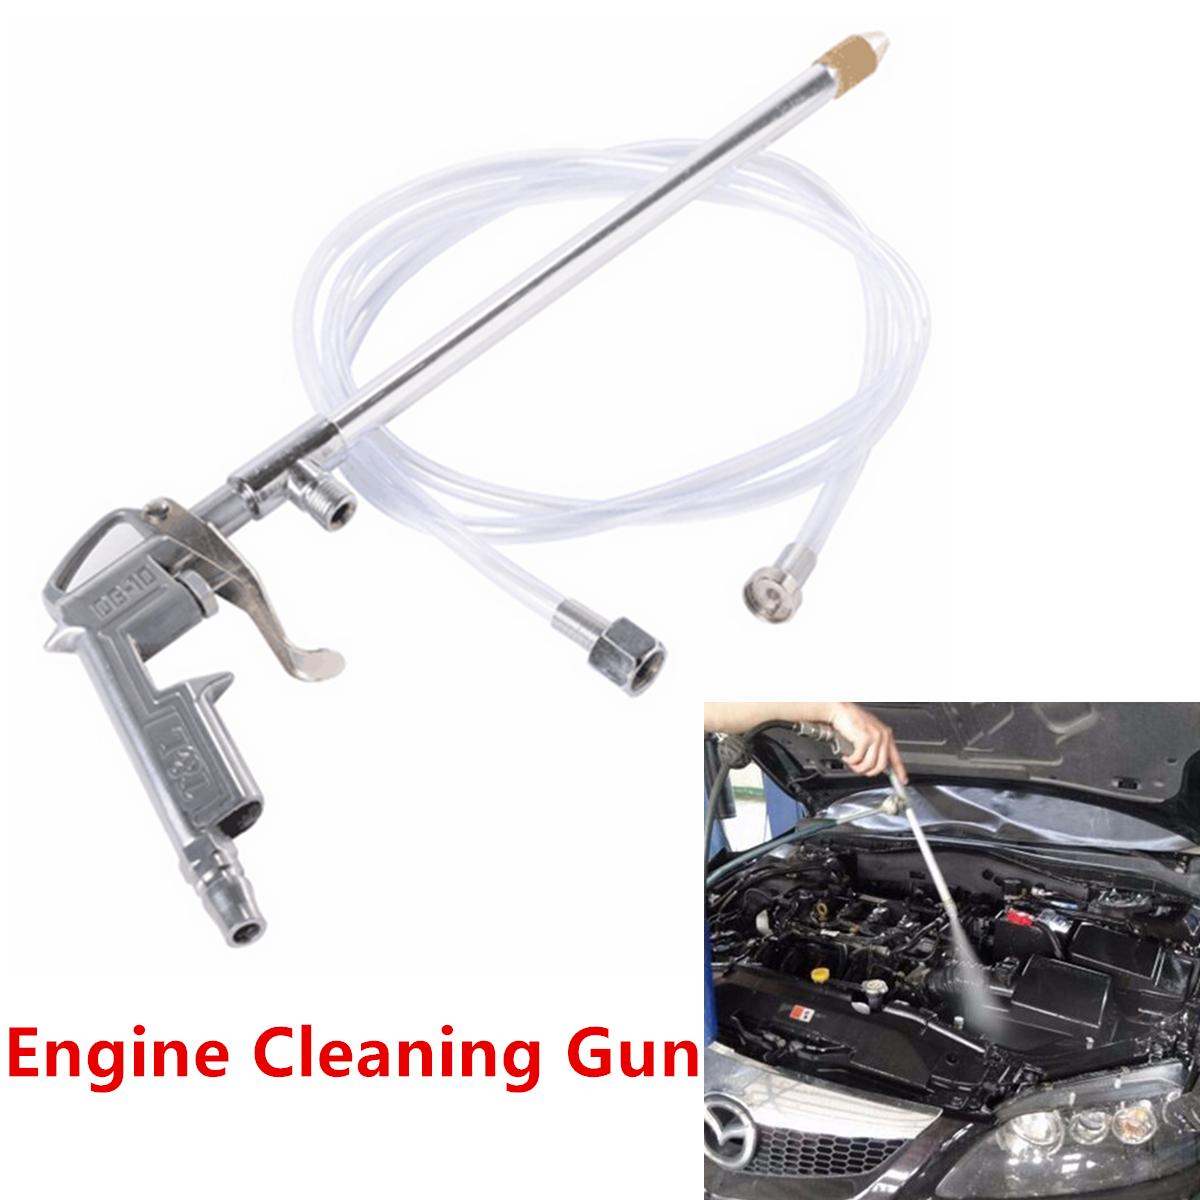 Högtrycksmotor Autos Luftmotorrengöringsrör Pistolrengöringspistol